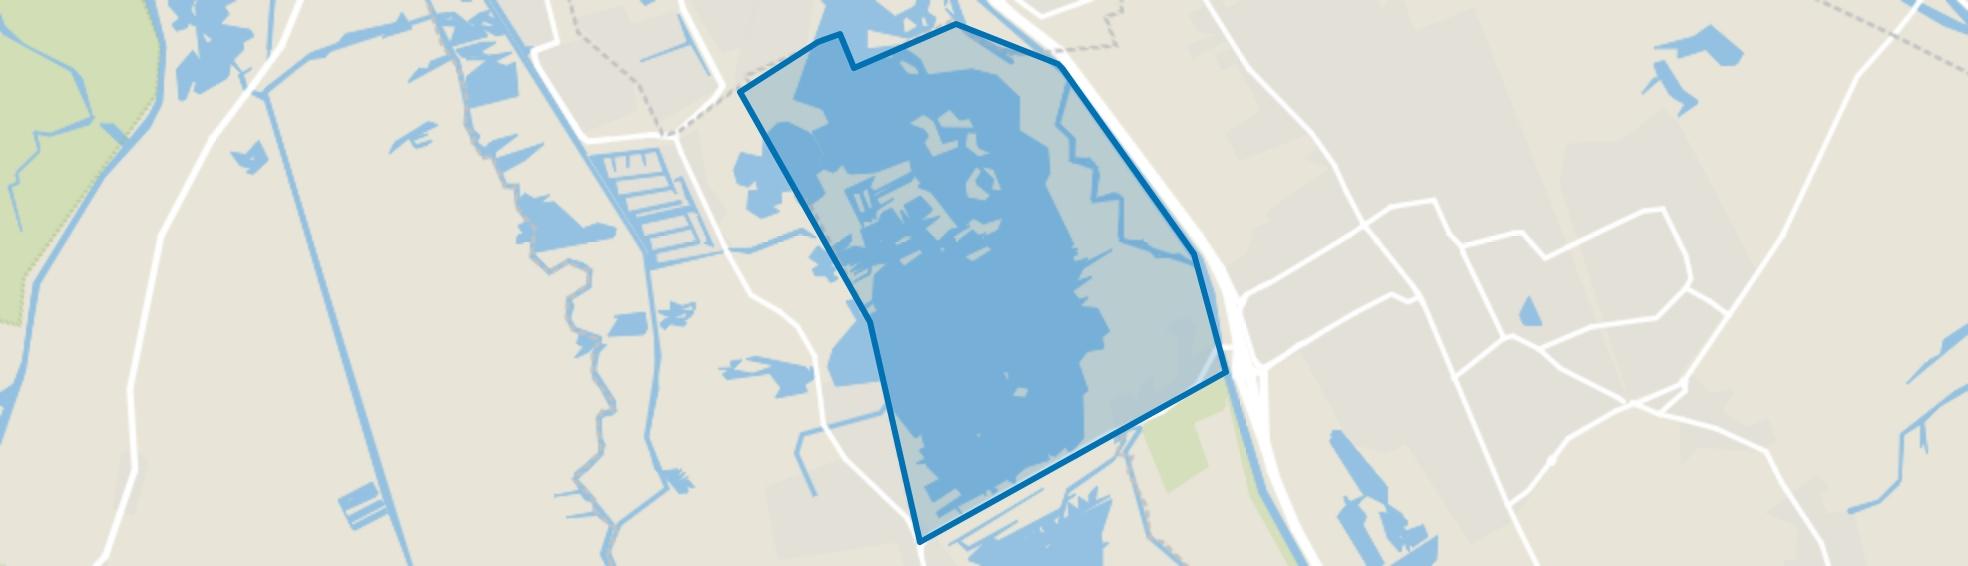 Paterswoldsemeer, Haren (GR) map